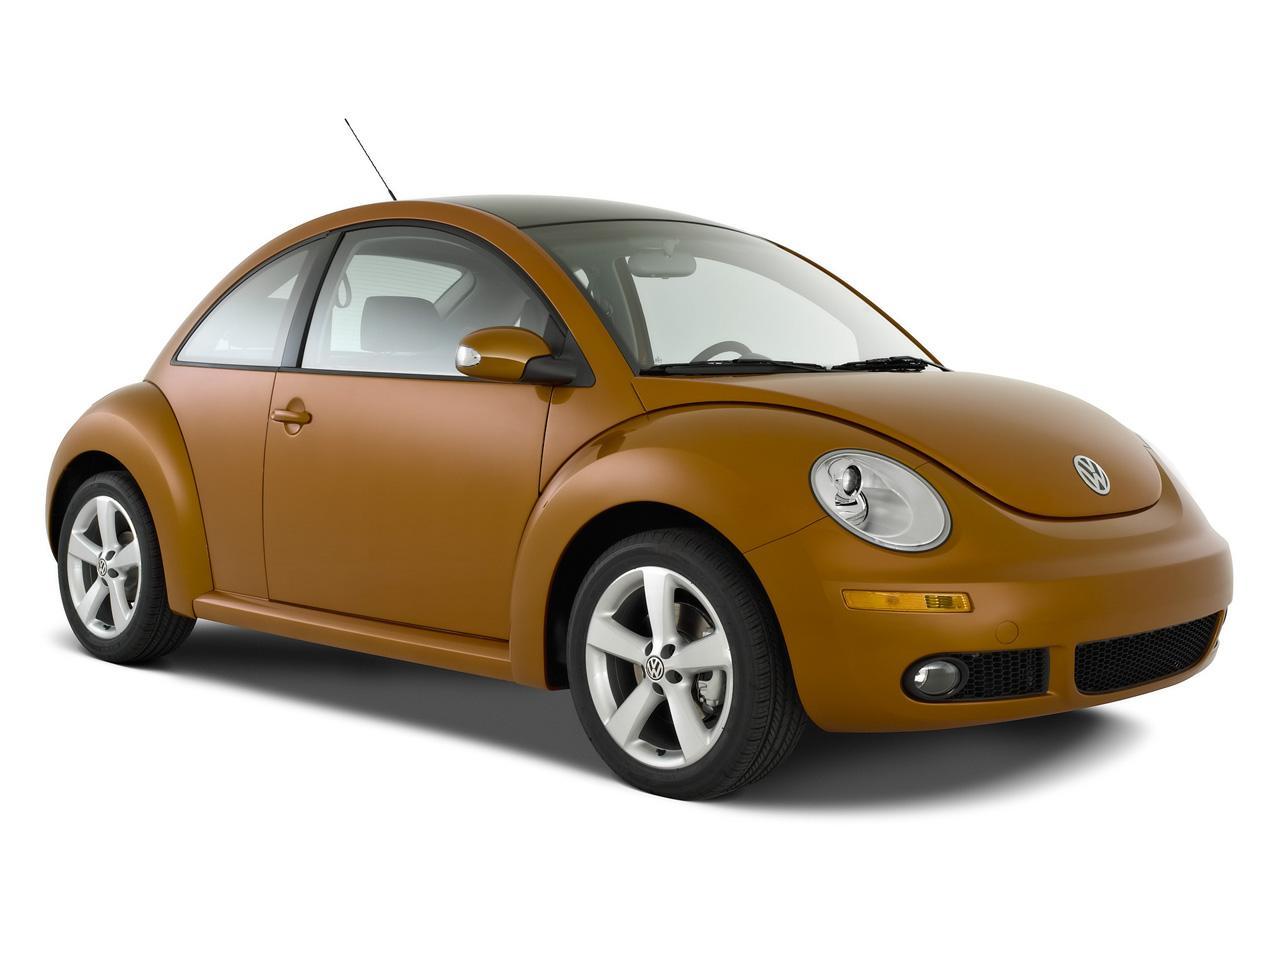 2010 volkswagen new beetle image 12. Black Bedroom Furniture Sets. Home Design Ideas